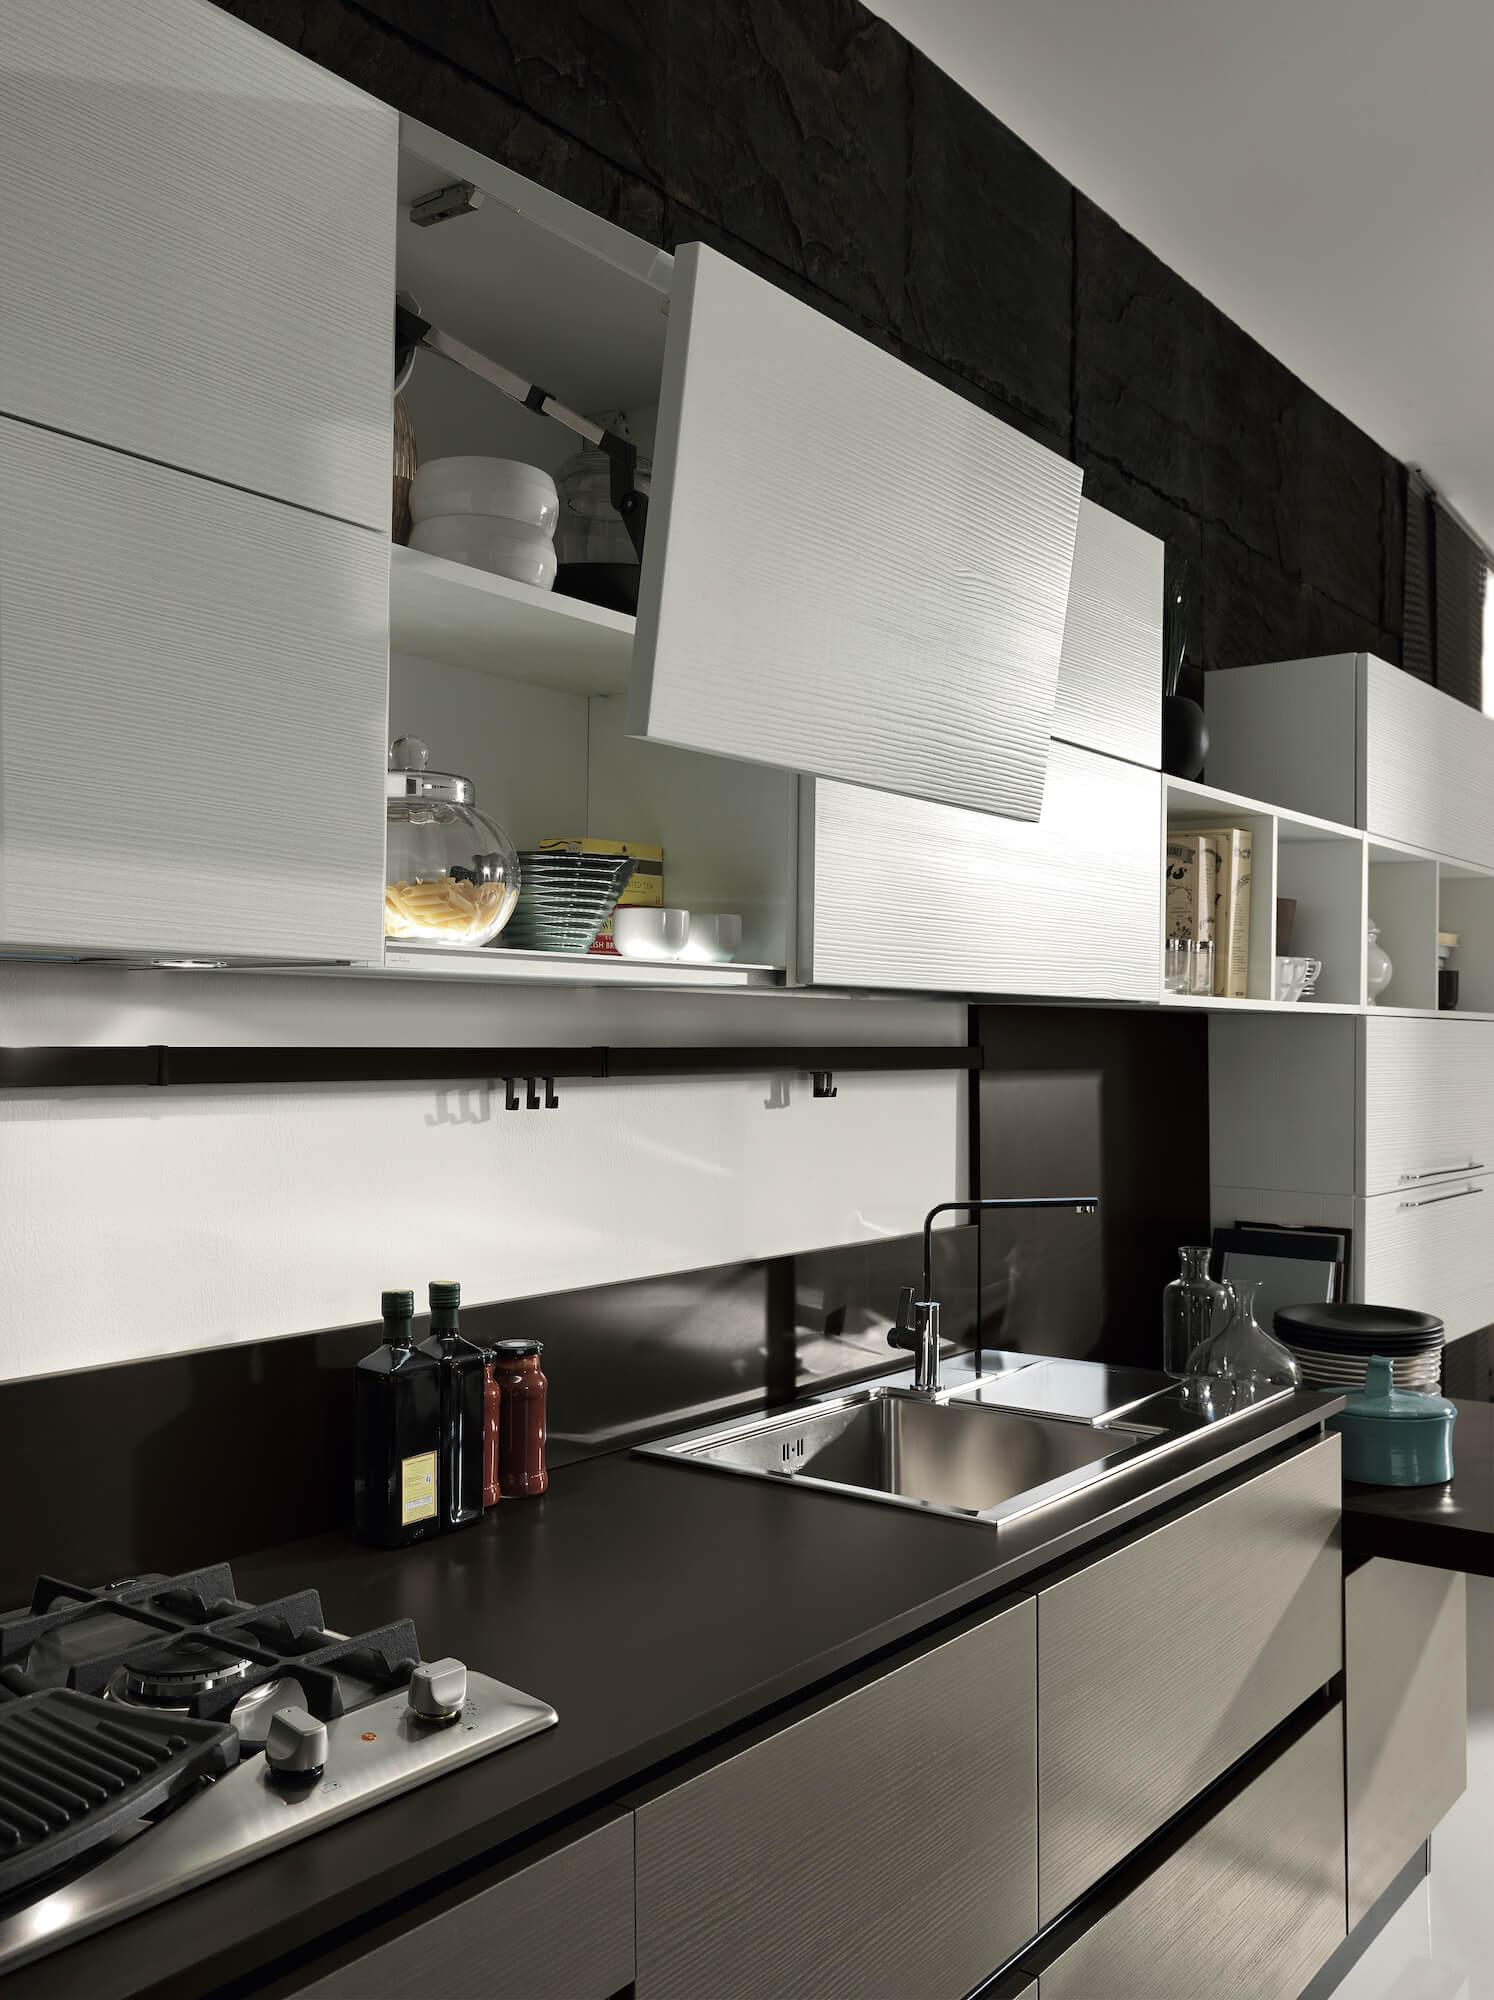 Full Size of Küchenrückwand Laminat Kchenrckwand Alle Infos Für Küche Bad In Der Badezimmer Im Fürs Wohnzimmer Küchenrückwand Laminat